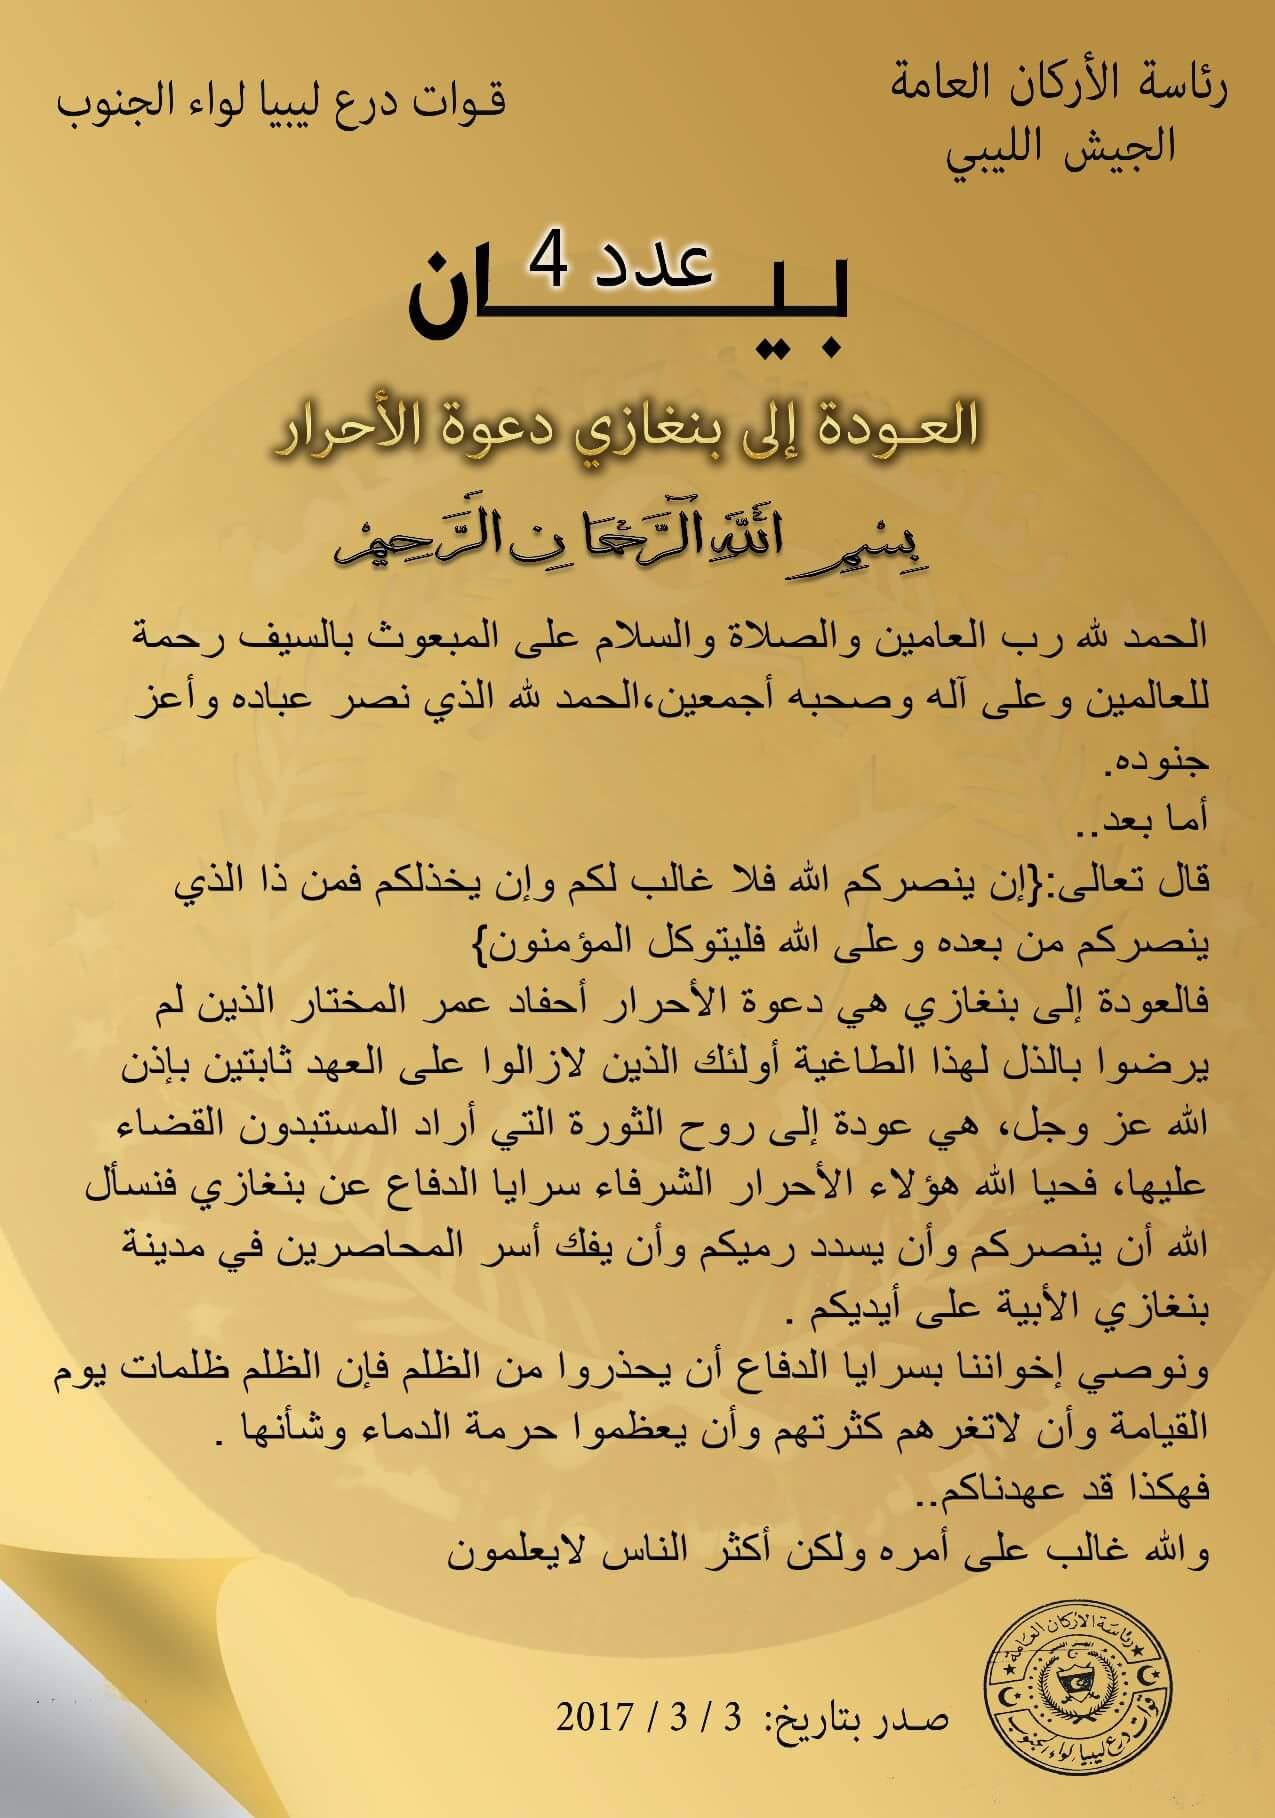 بيان أحمد عبد الجليل الحسناوي